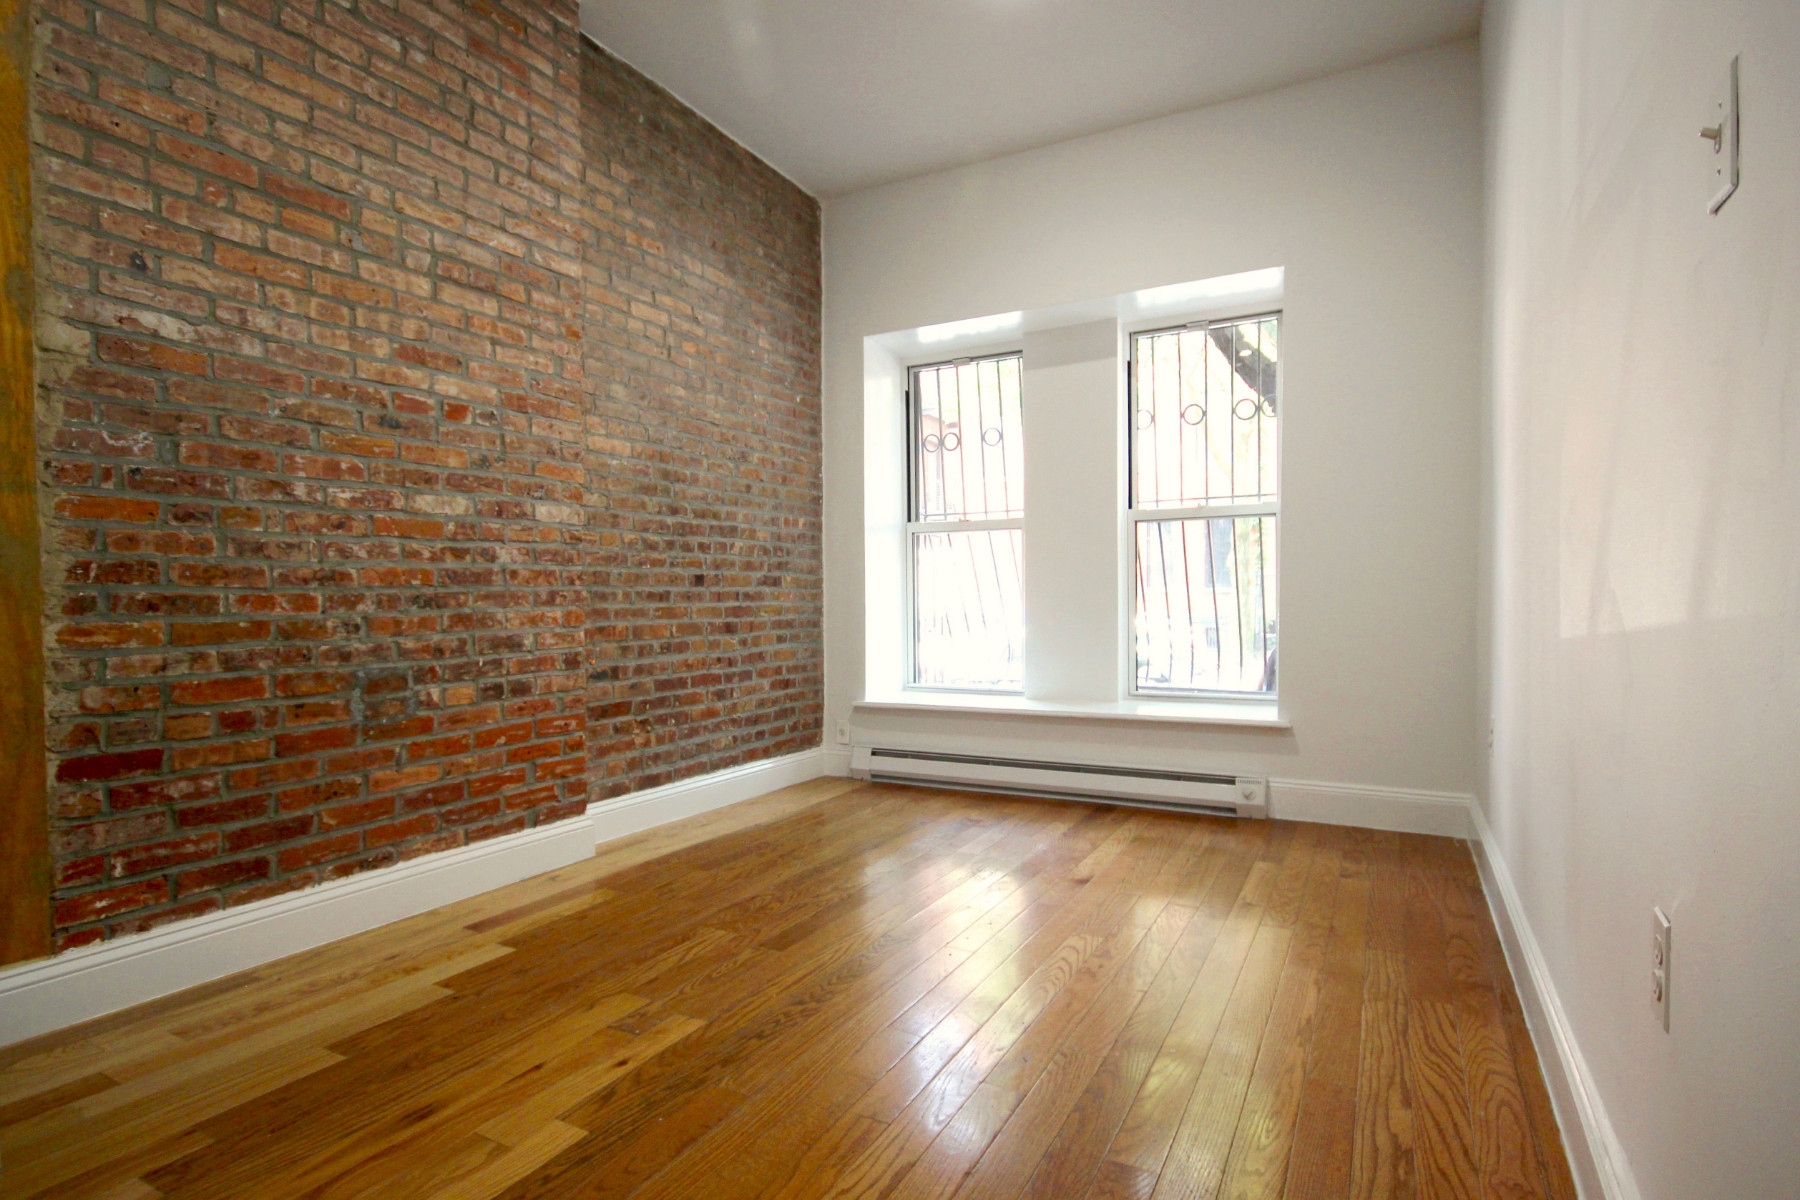 43 Cumberland Street, Apt 1B, Brooklyn, New York 11205